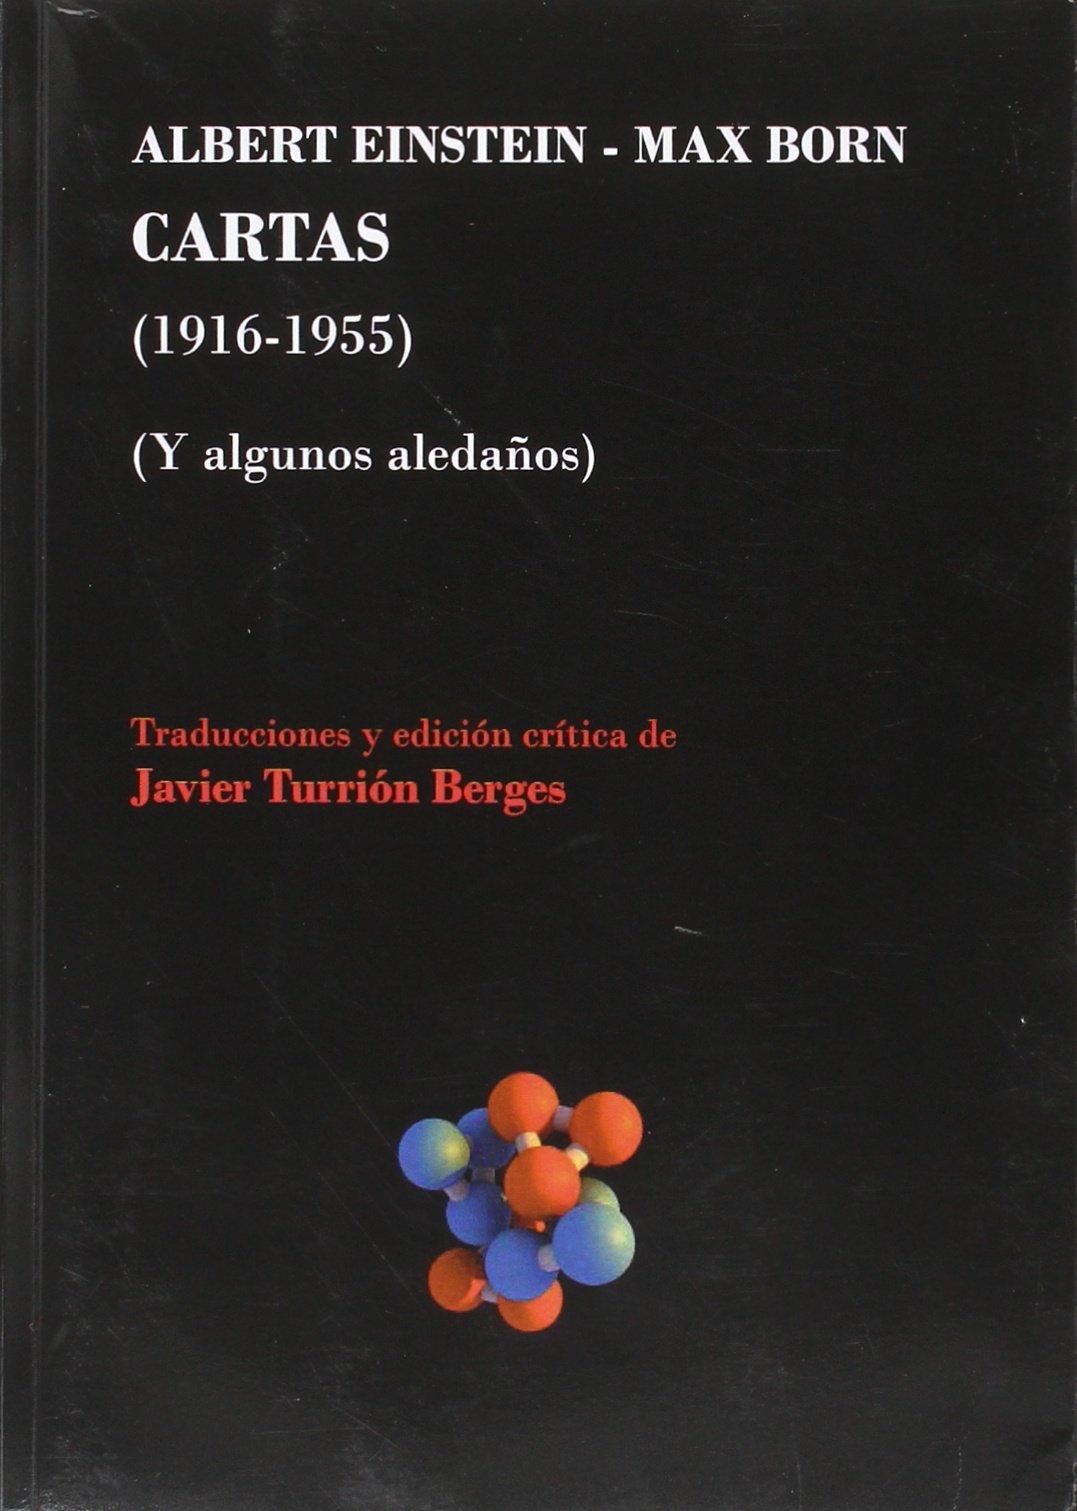 ALBERT EINSTEIN-MAX BORN : CARTAS, 1916-1955 : Y ALGUNOS ALEDAÑOS